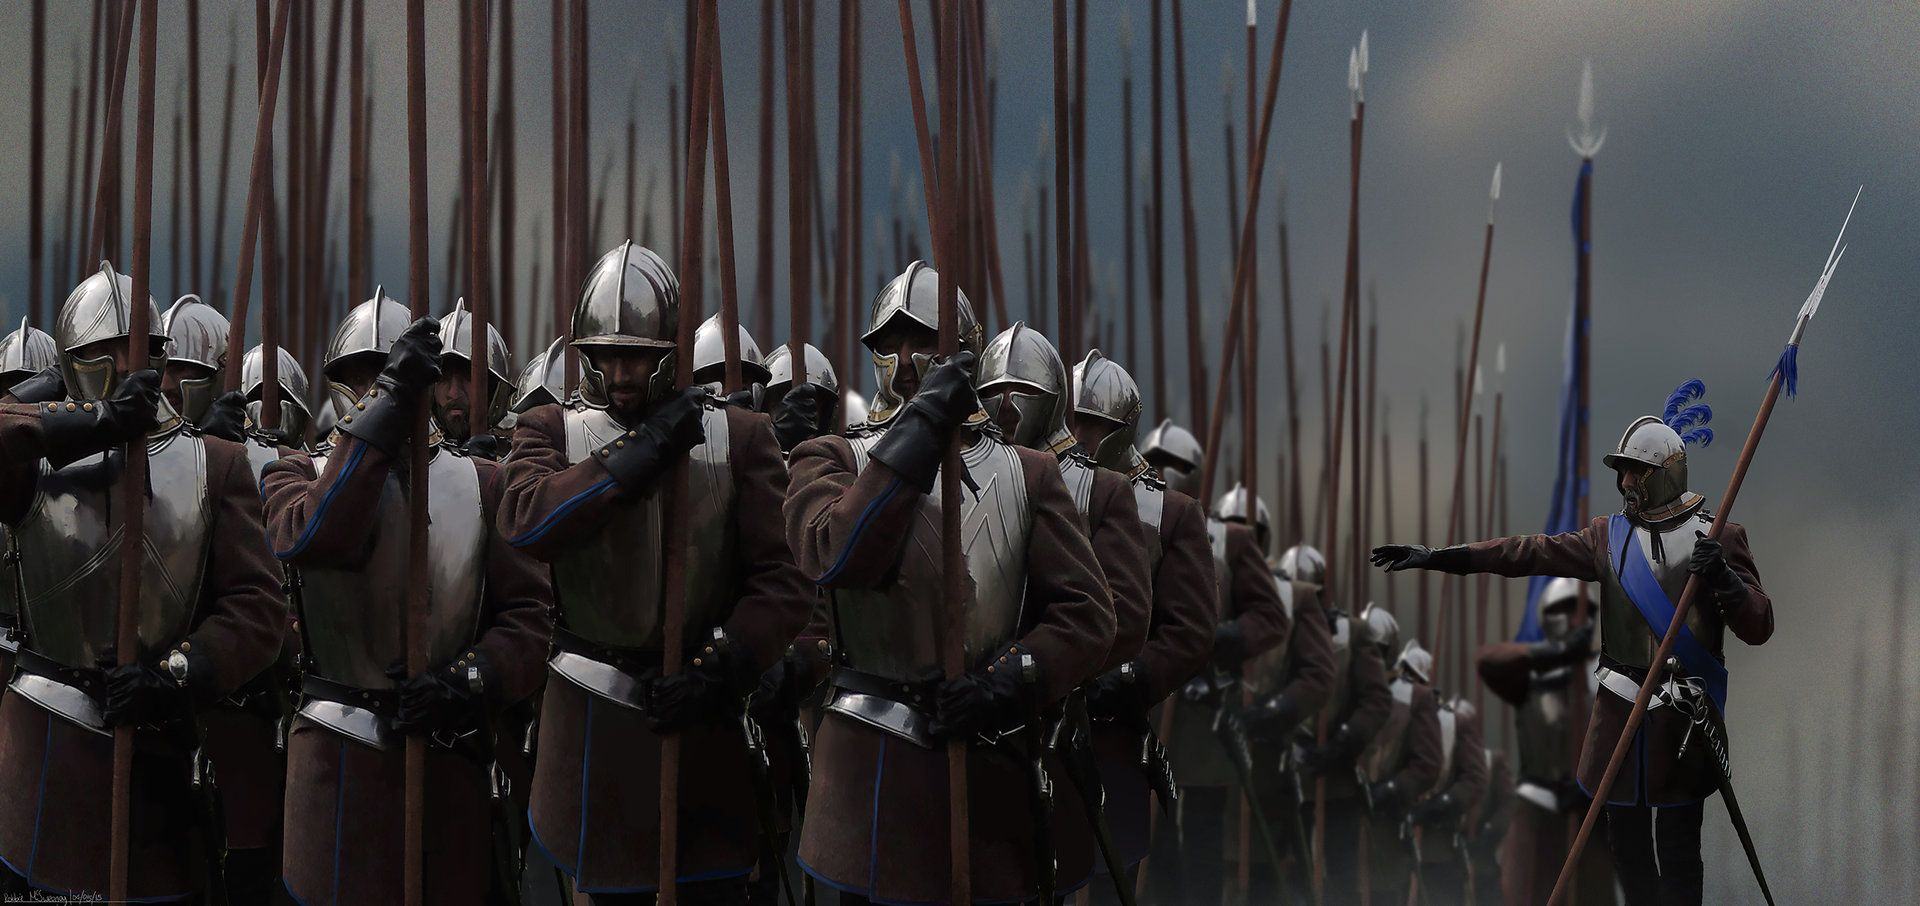 один фото всех армий мира средневековая имеет